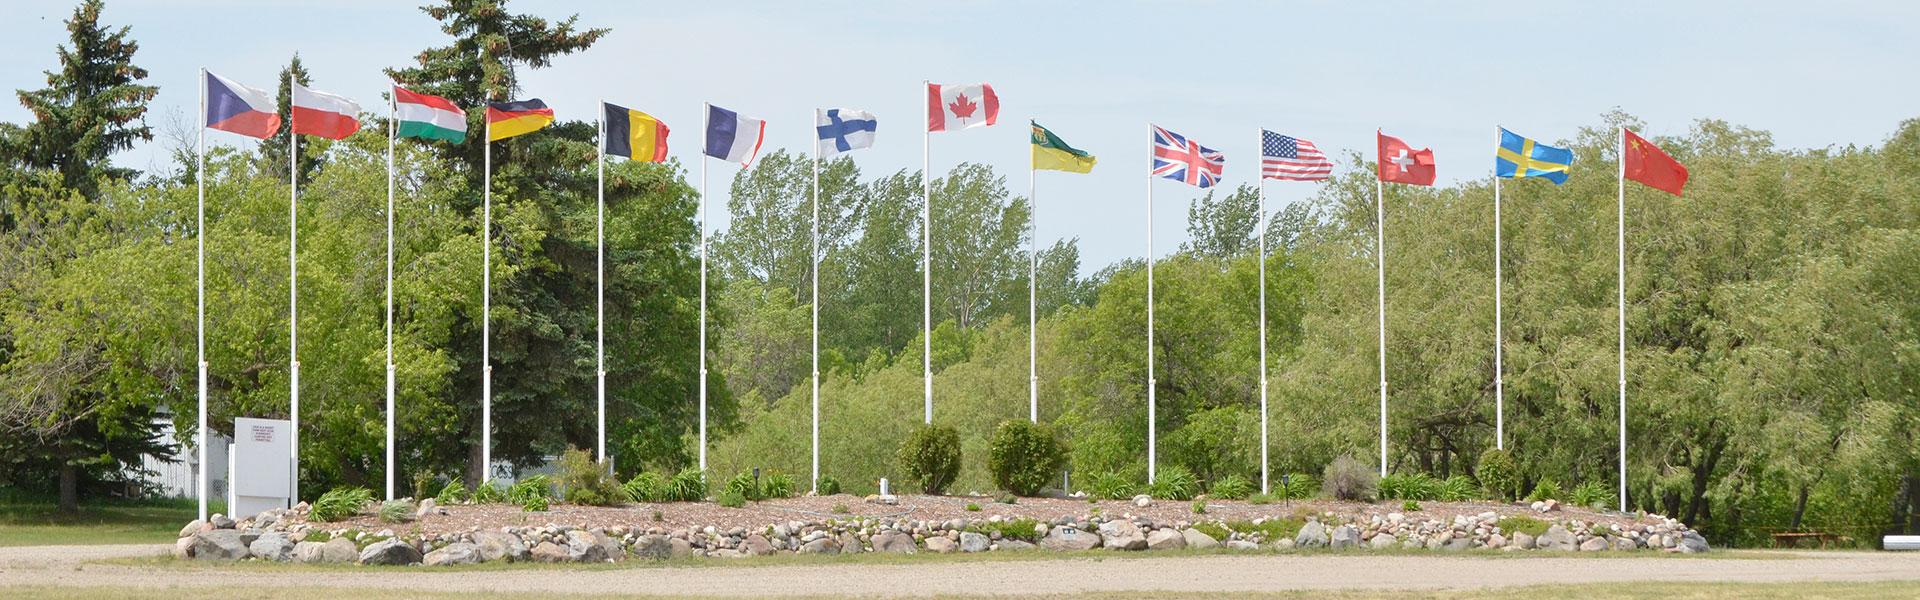 Flags-Slide